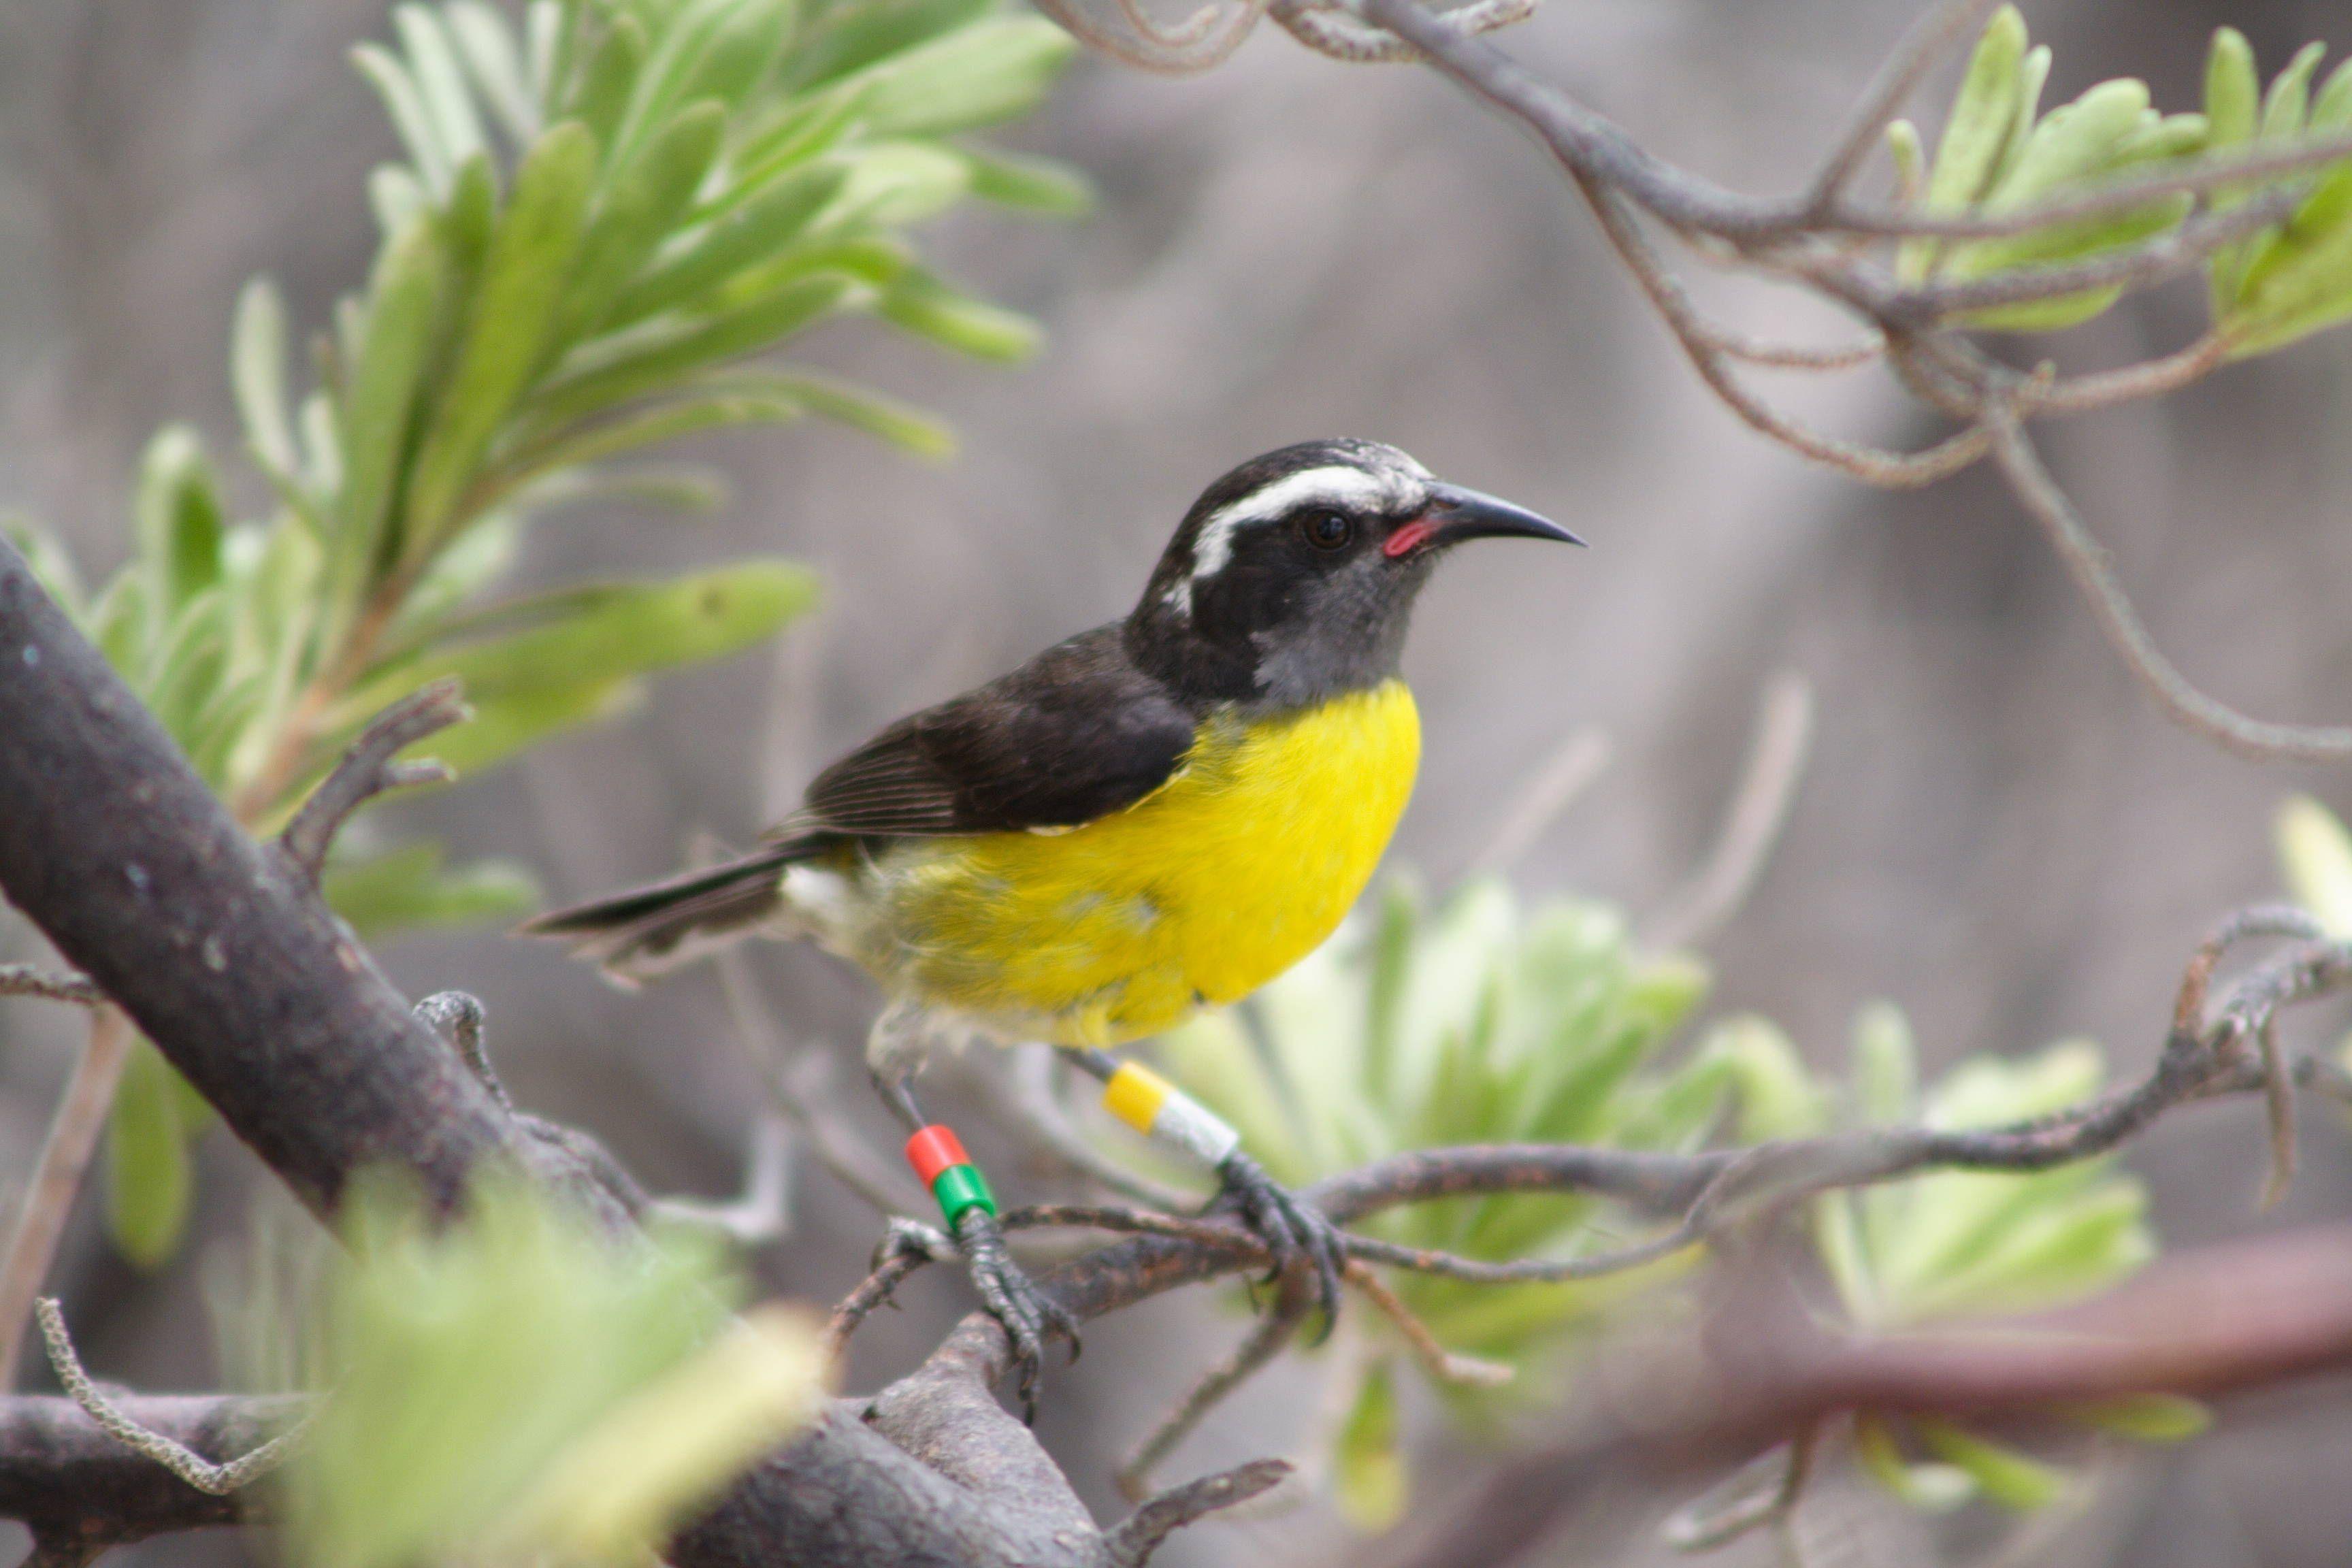 Le Sucrier Des Antilles Petit Oiseau A Ventre Jaune Essentiellement Nectarivore Si Familier Qu Il N Hesite Pas A Voleter De Table Oiseaux Faune Petit Oiseau